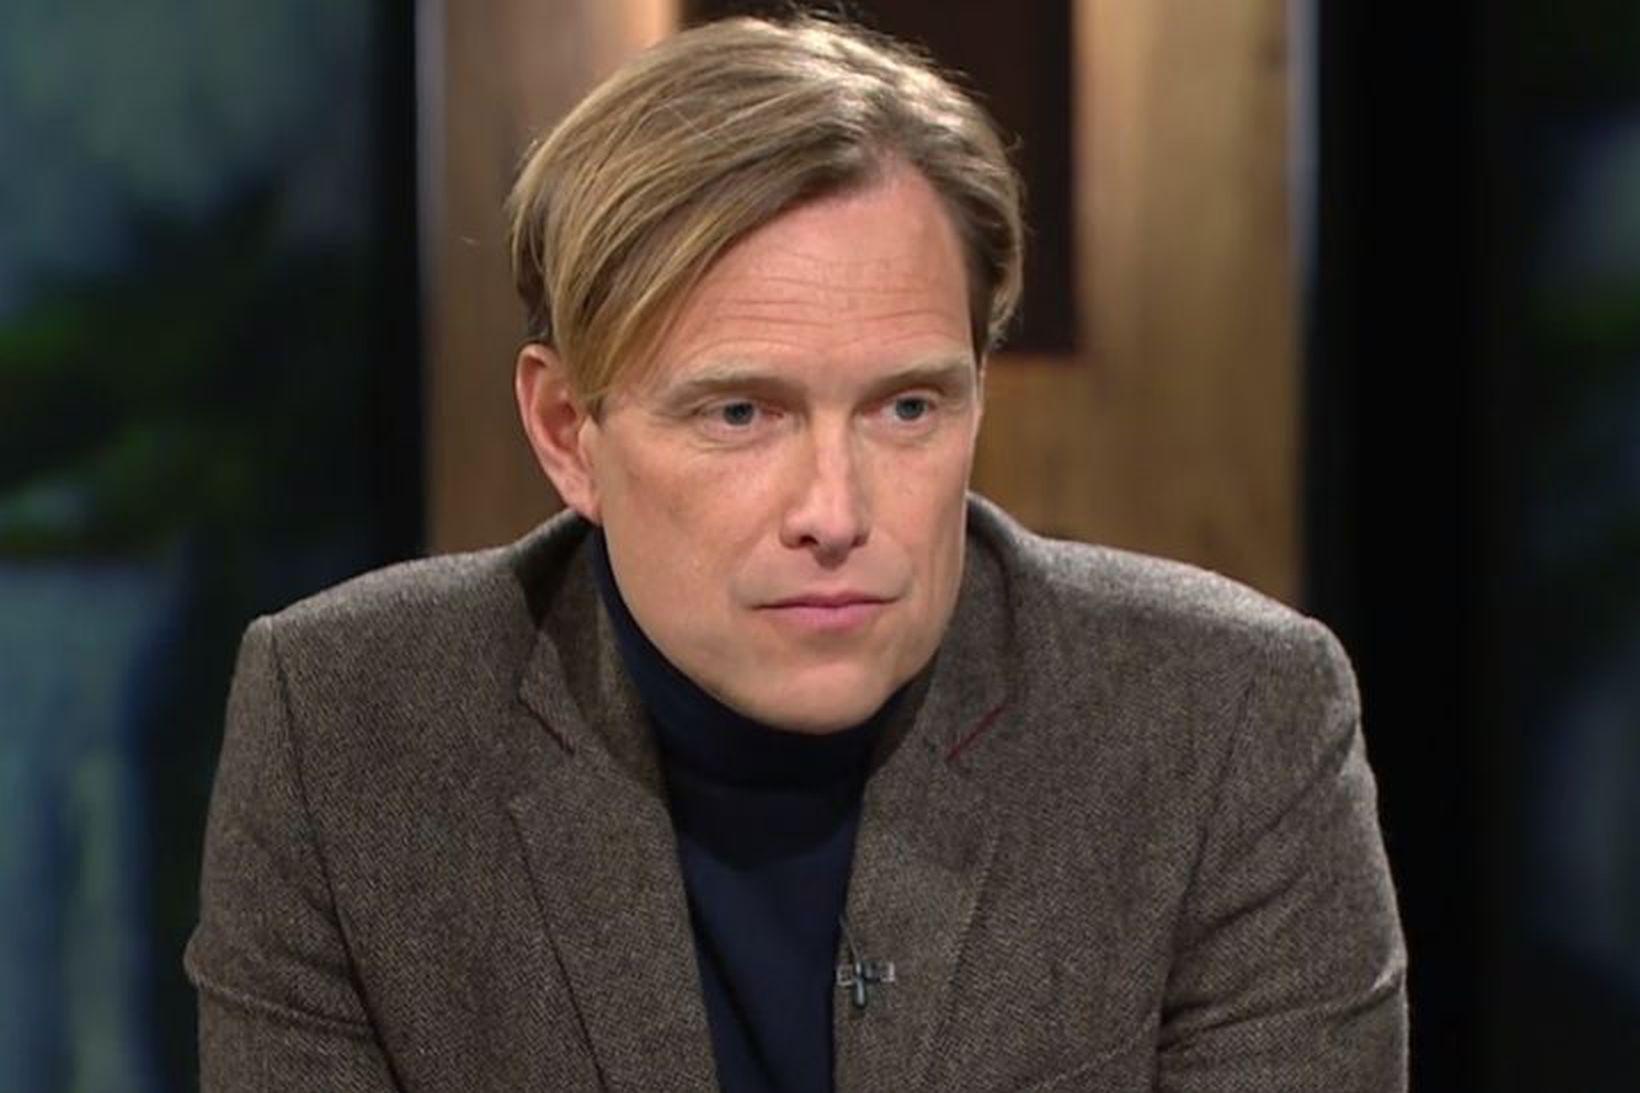 Henry Alexander Henrysson, aðjúnkt við sagnfræði- og heimspekideild Háskóla Íslands, …